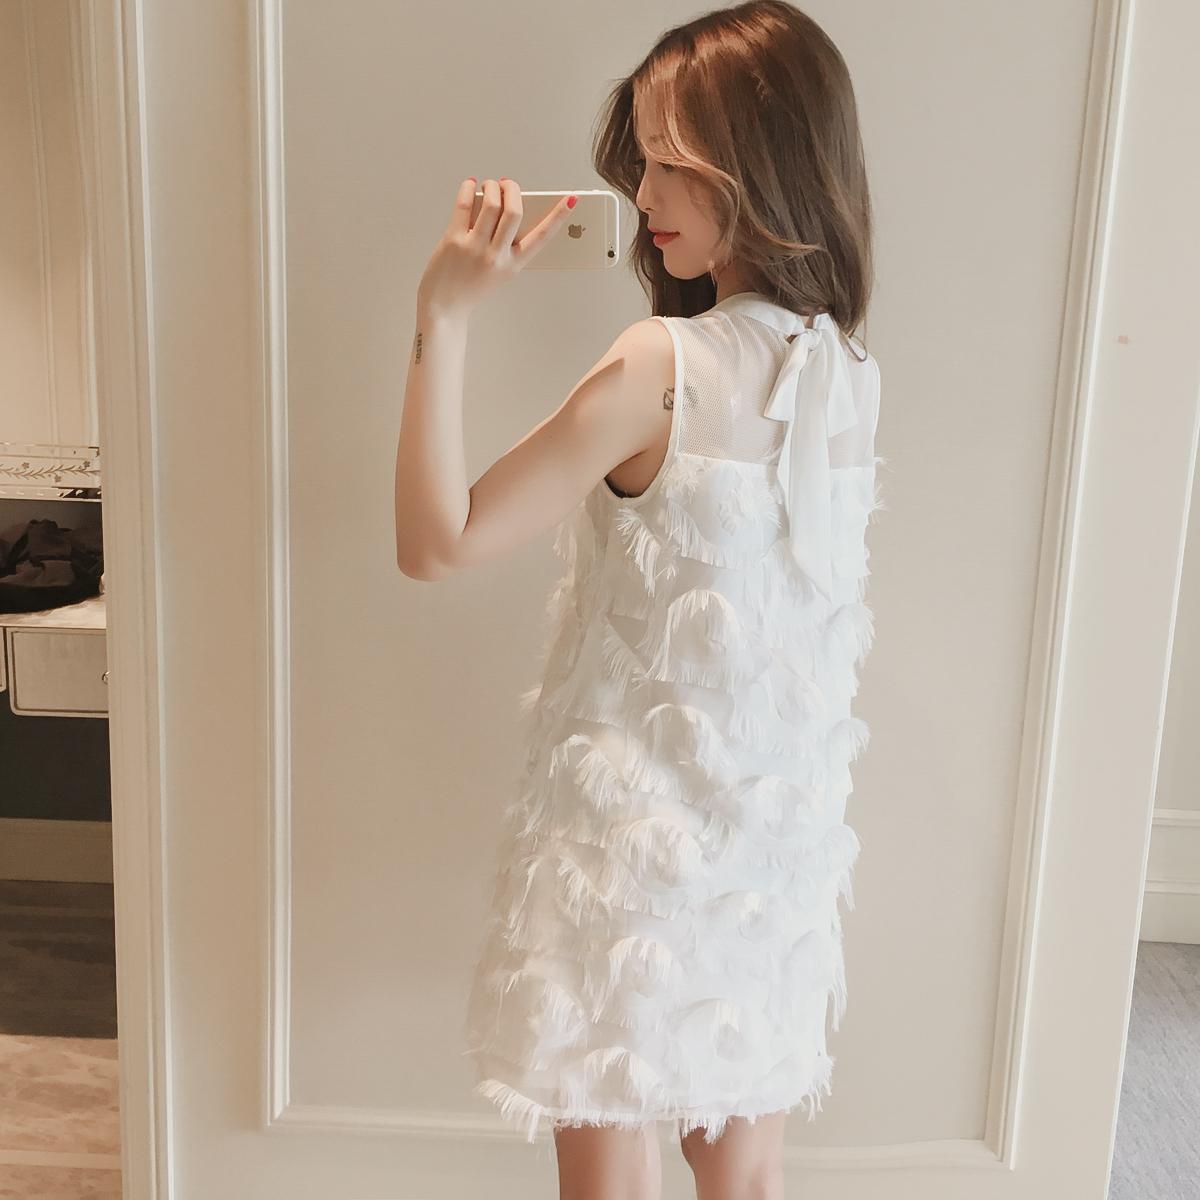 8款清爽连衣裙,适合夏季怕热的妹子